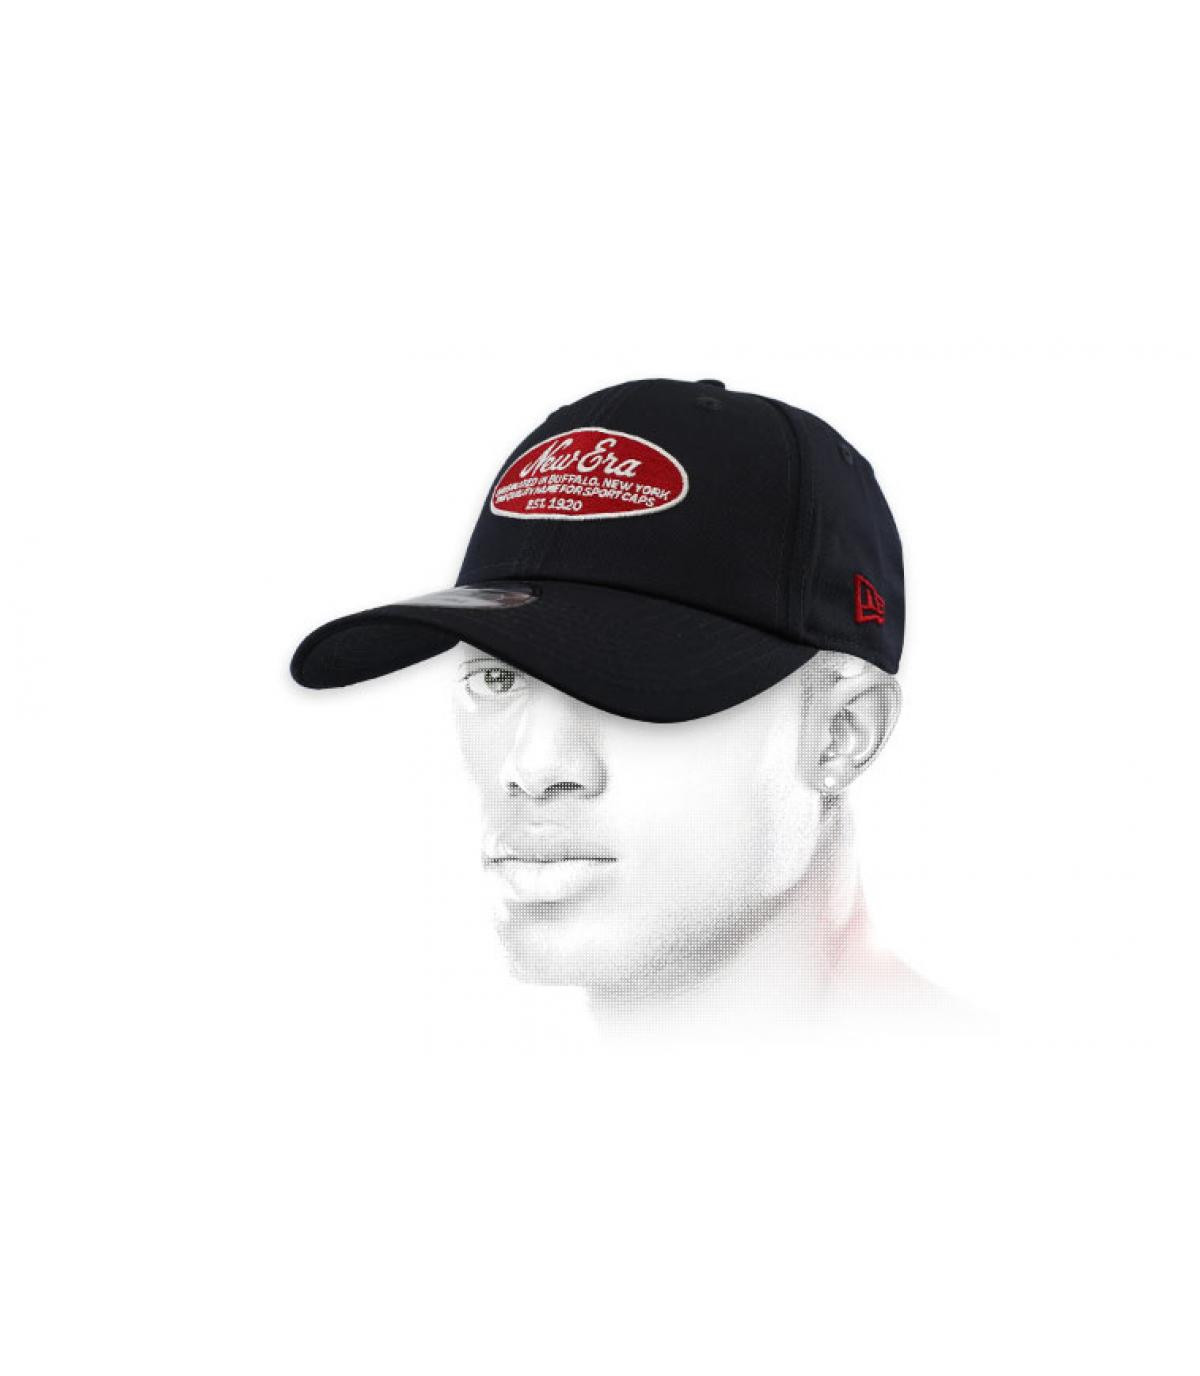 berretto New Era blu rosso